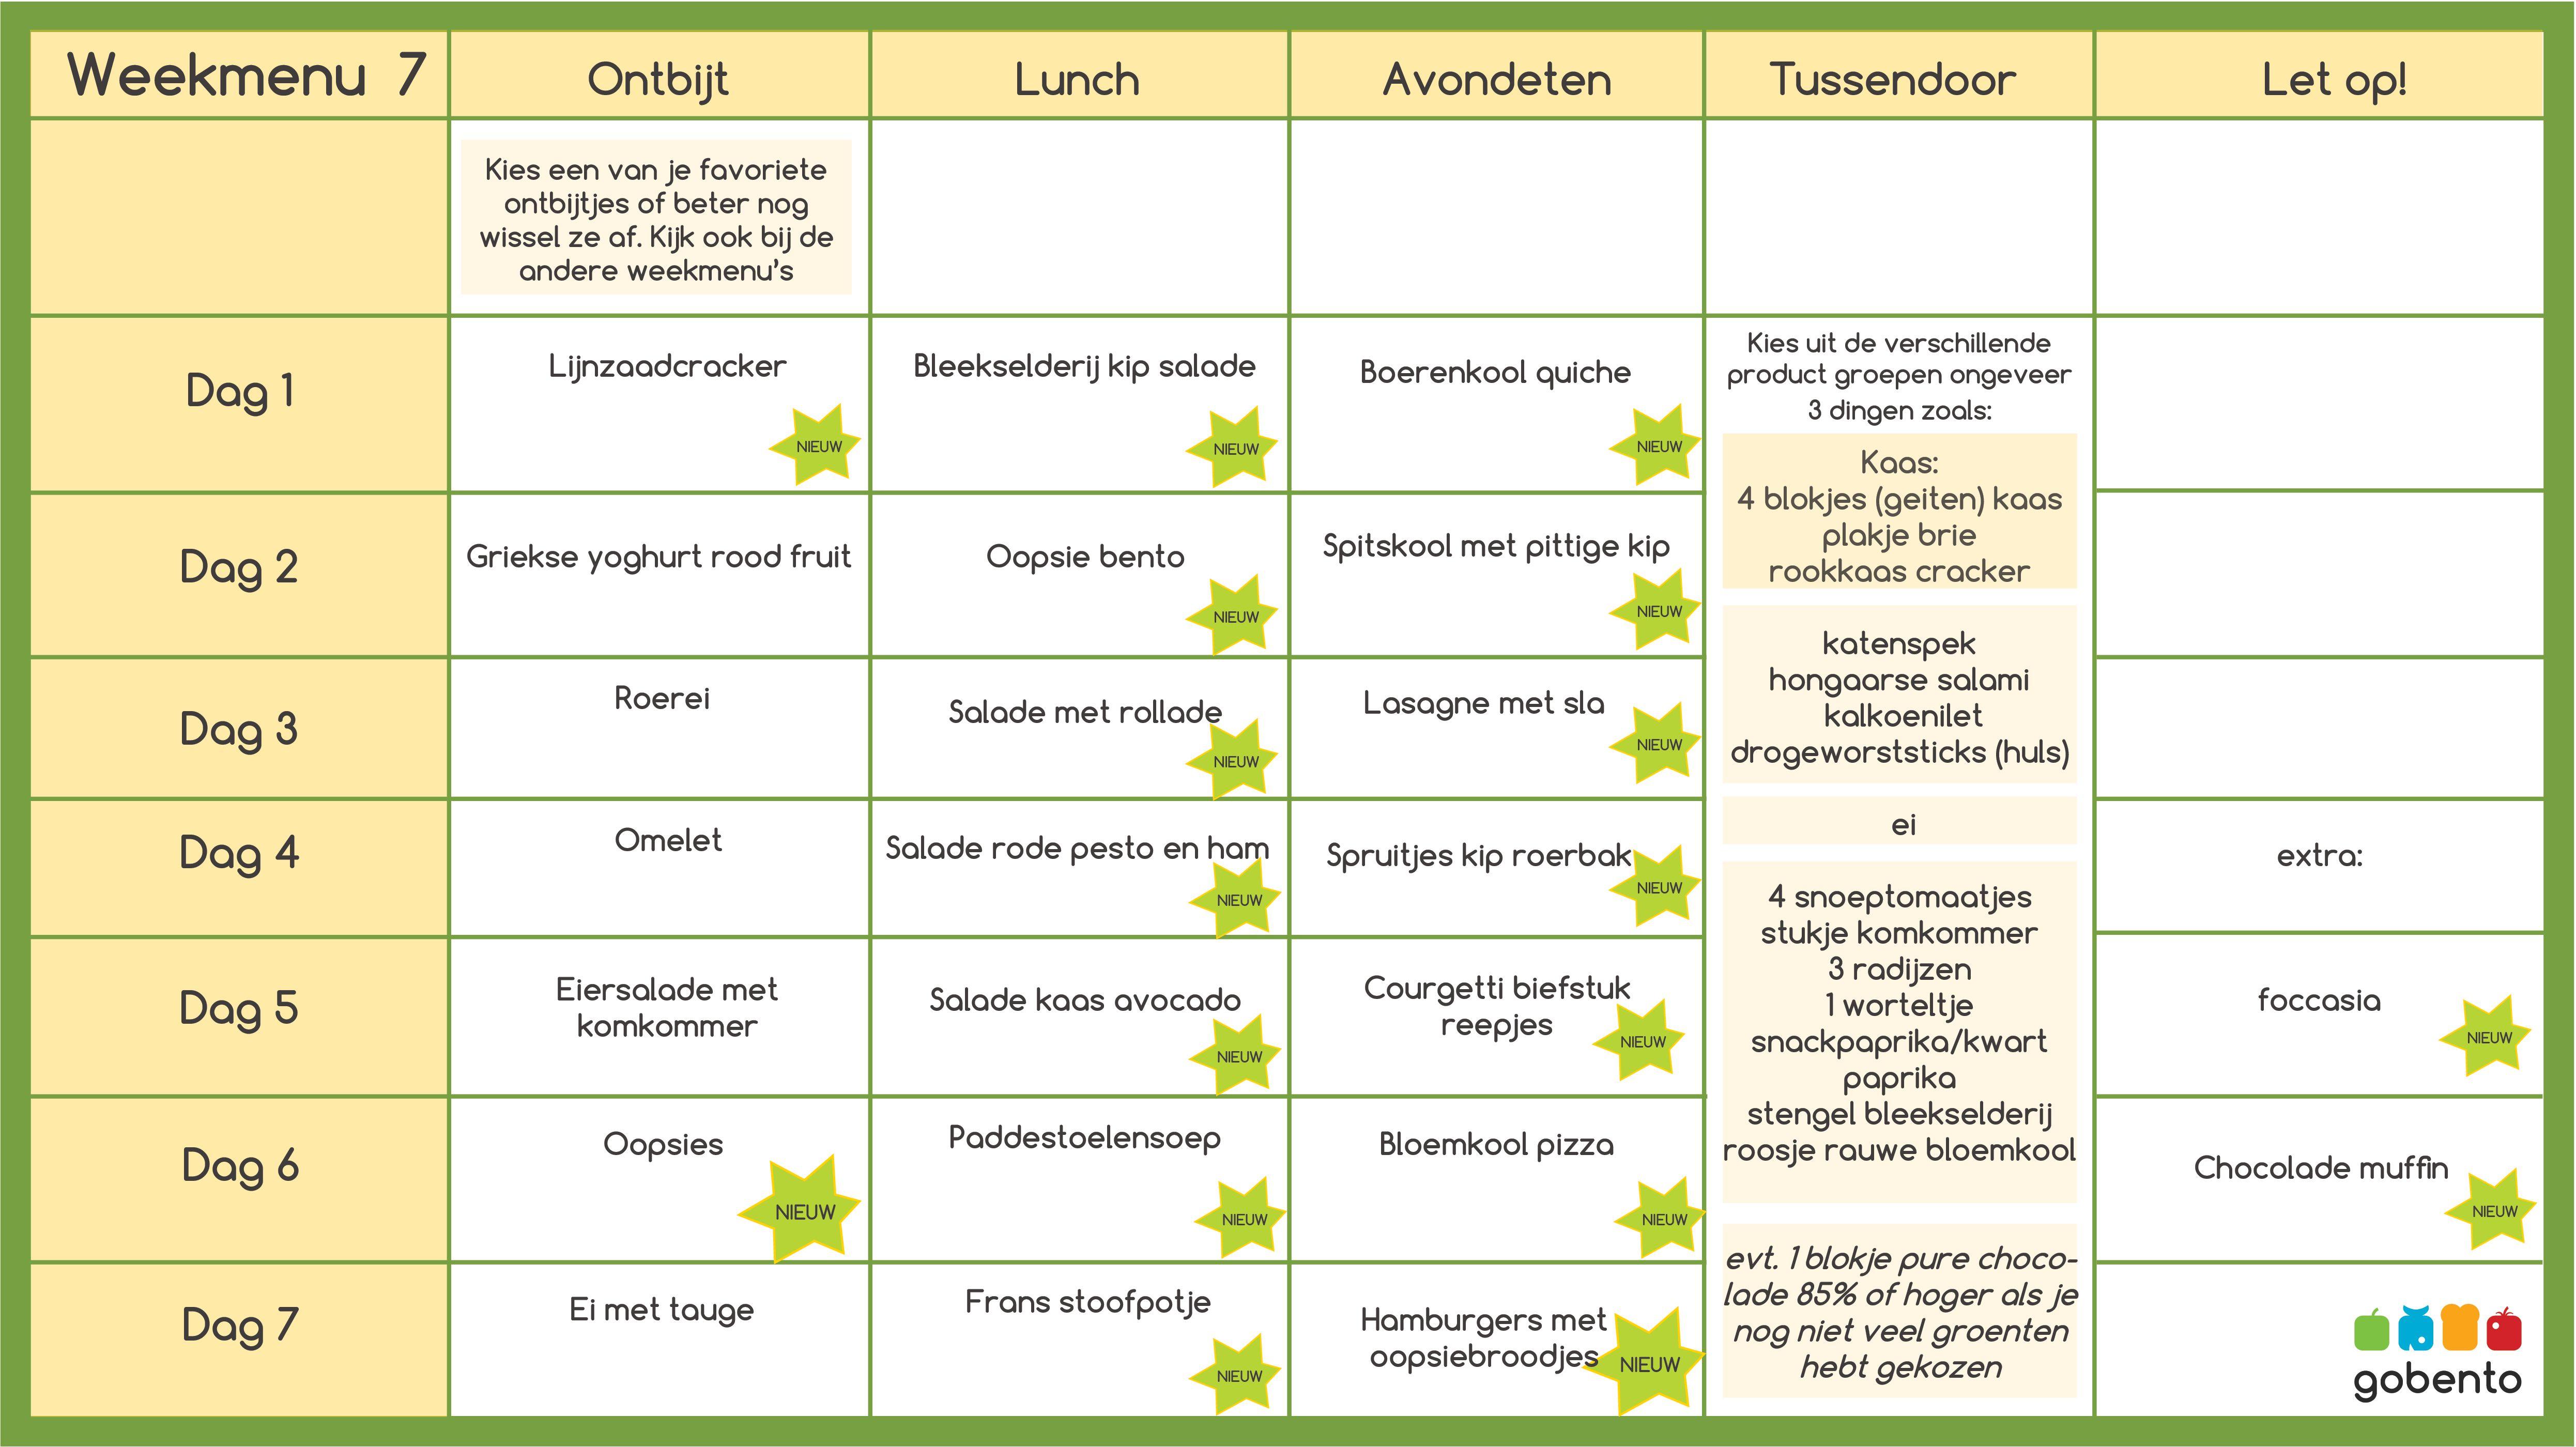 koolhydraatarm dieet weekmenu gobento